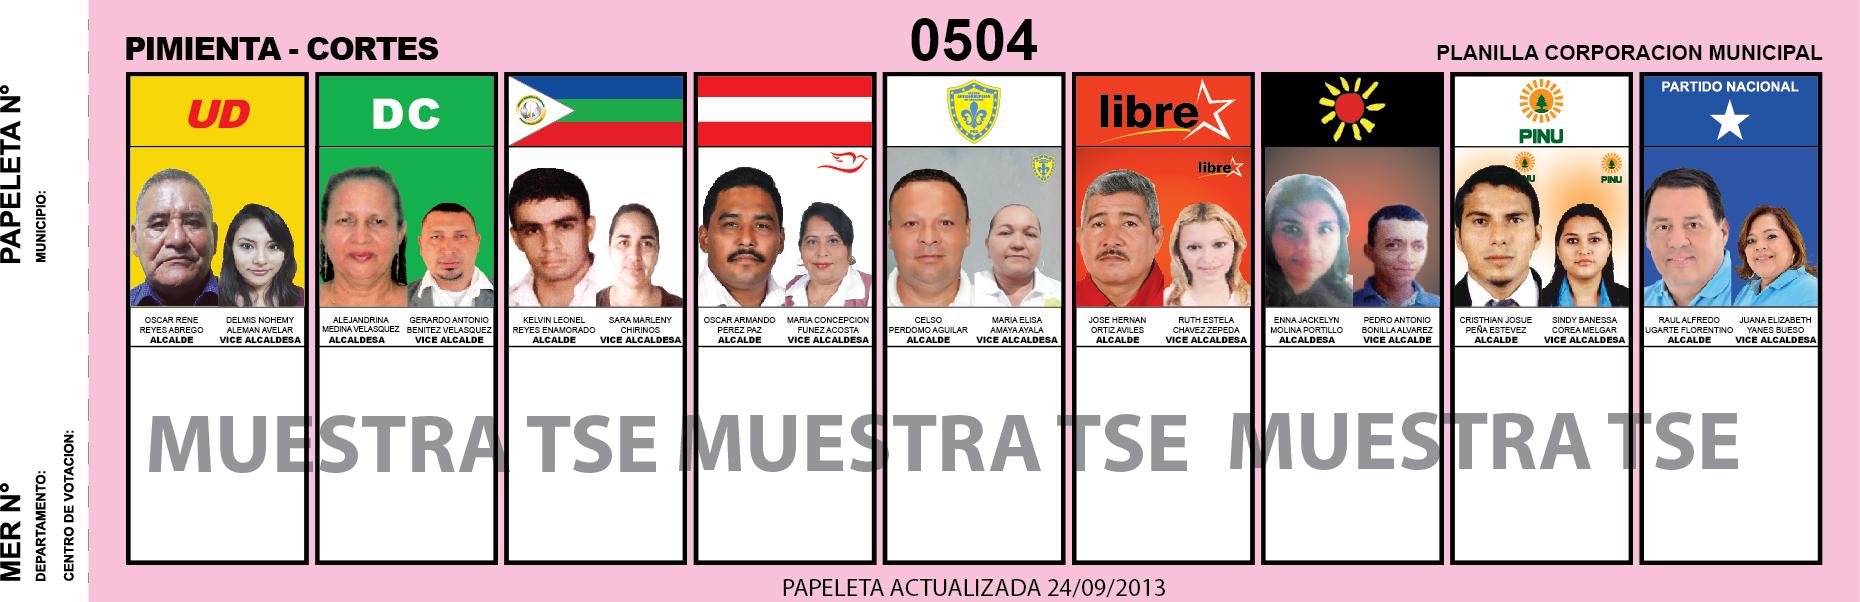 CANDIDATOS 2013 MUNICIPIO PIMIENTA - CORTES - HONDURAS